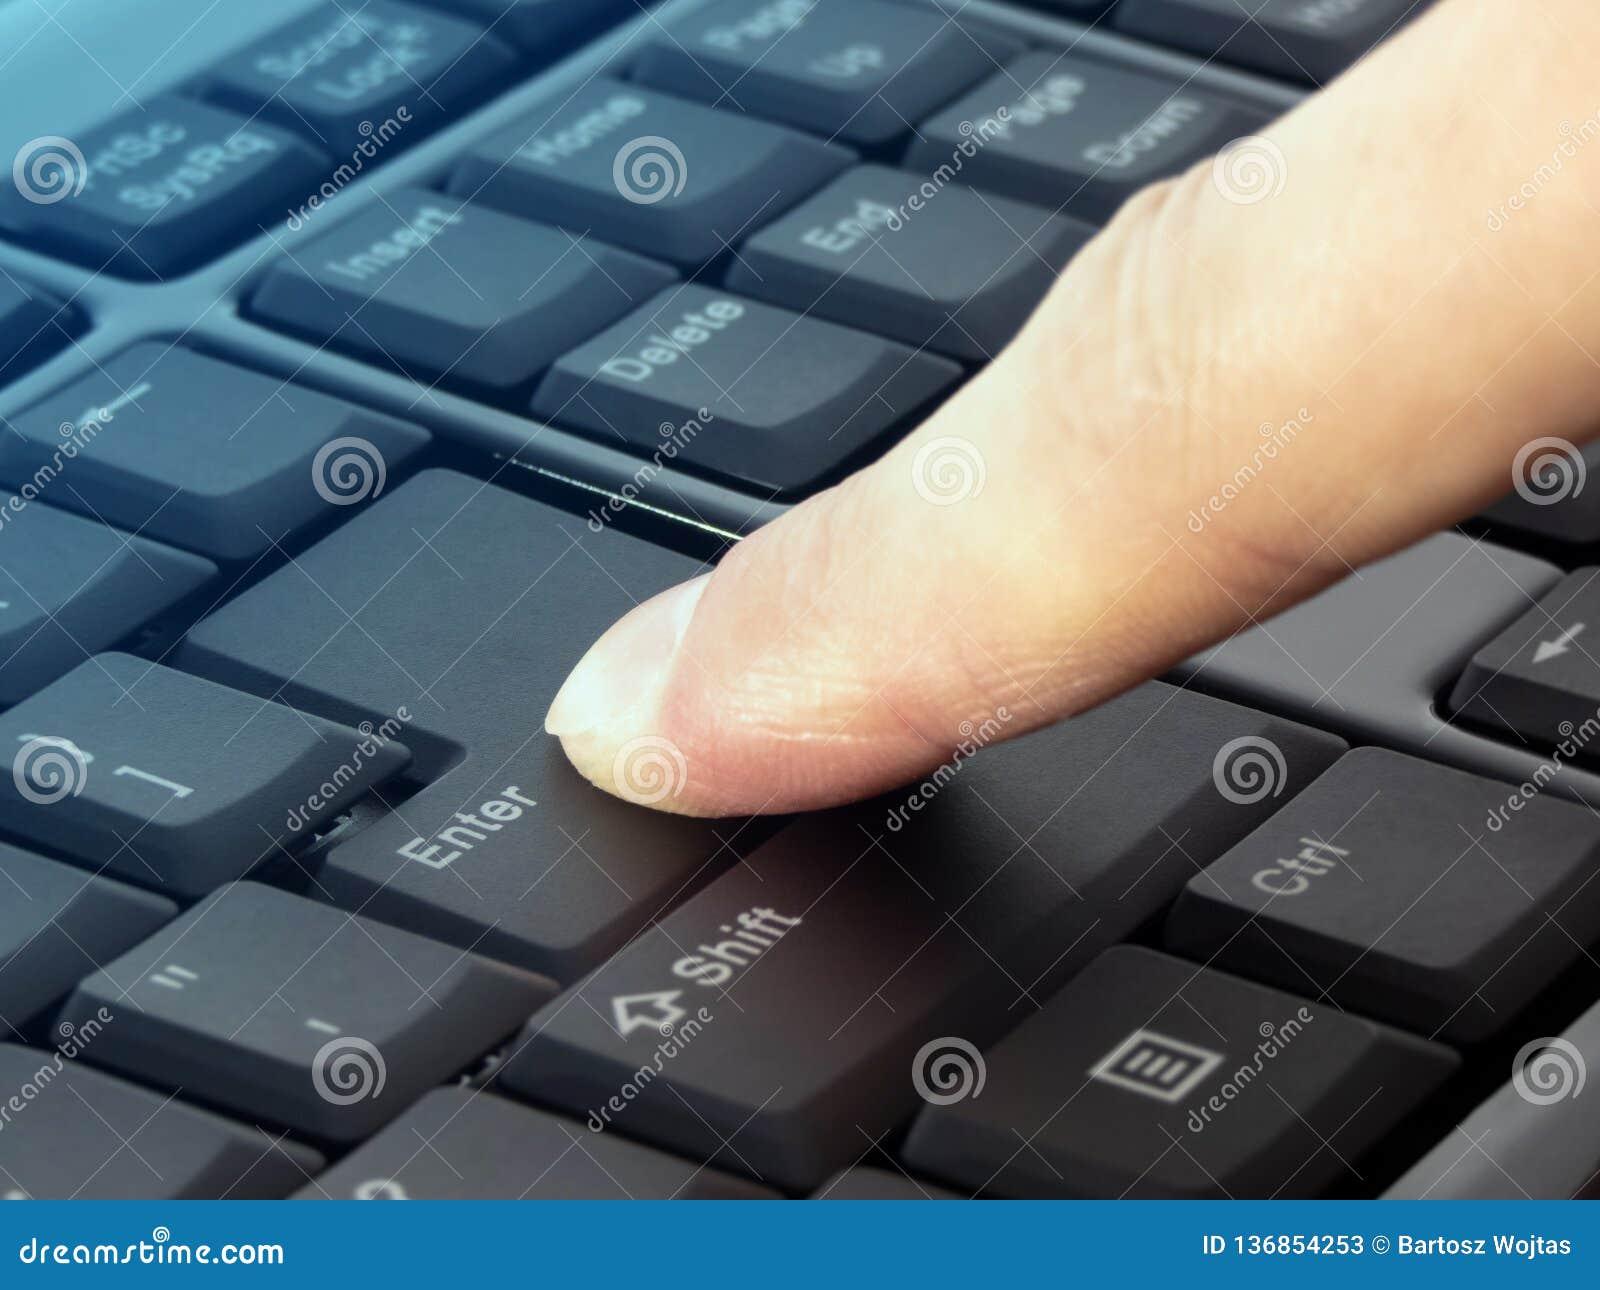 Η συμπίεση δάχτυλων εισάγει το κουμπί στο μαύρο πληκτρολόγιο